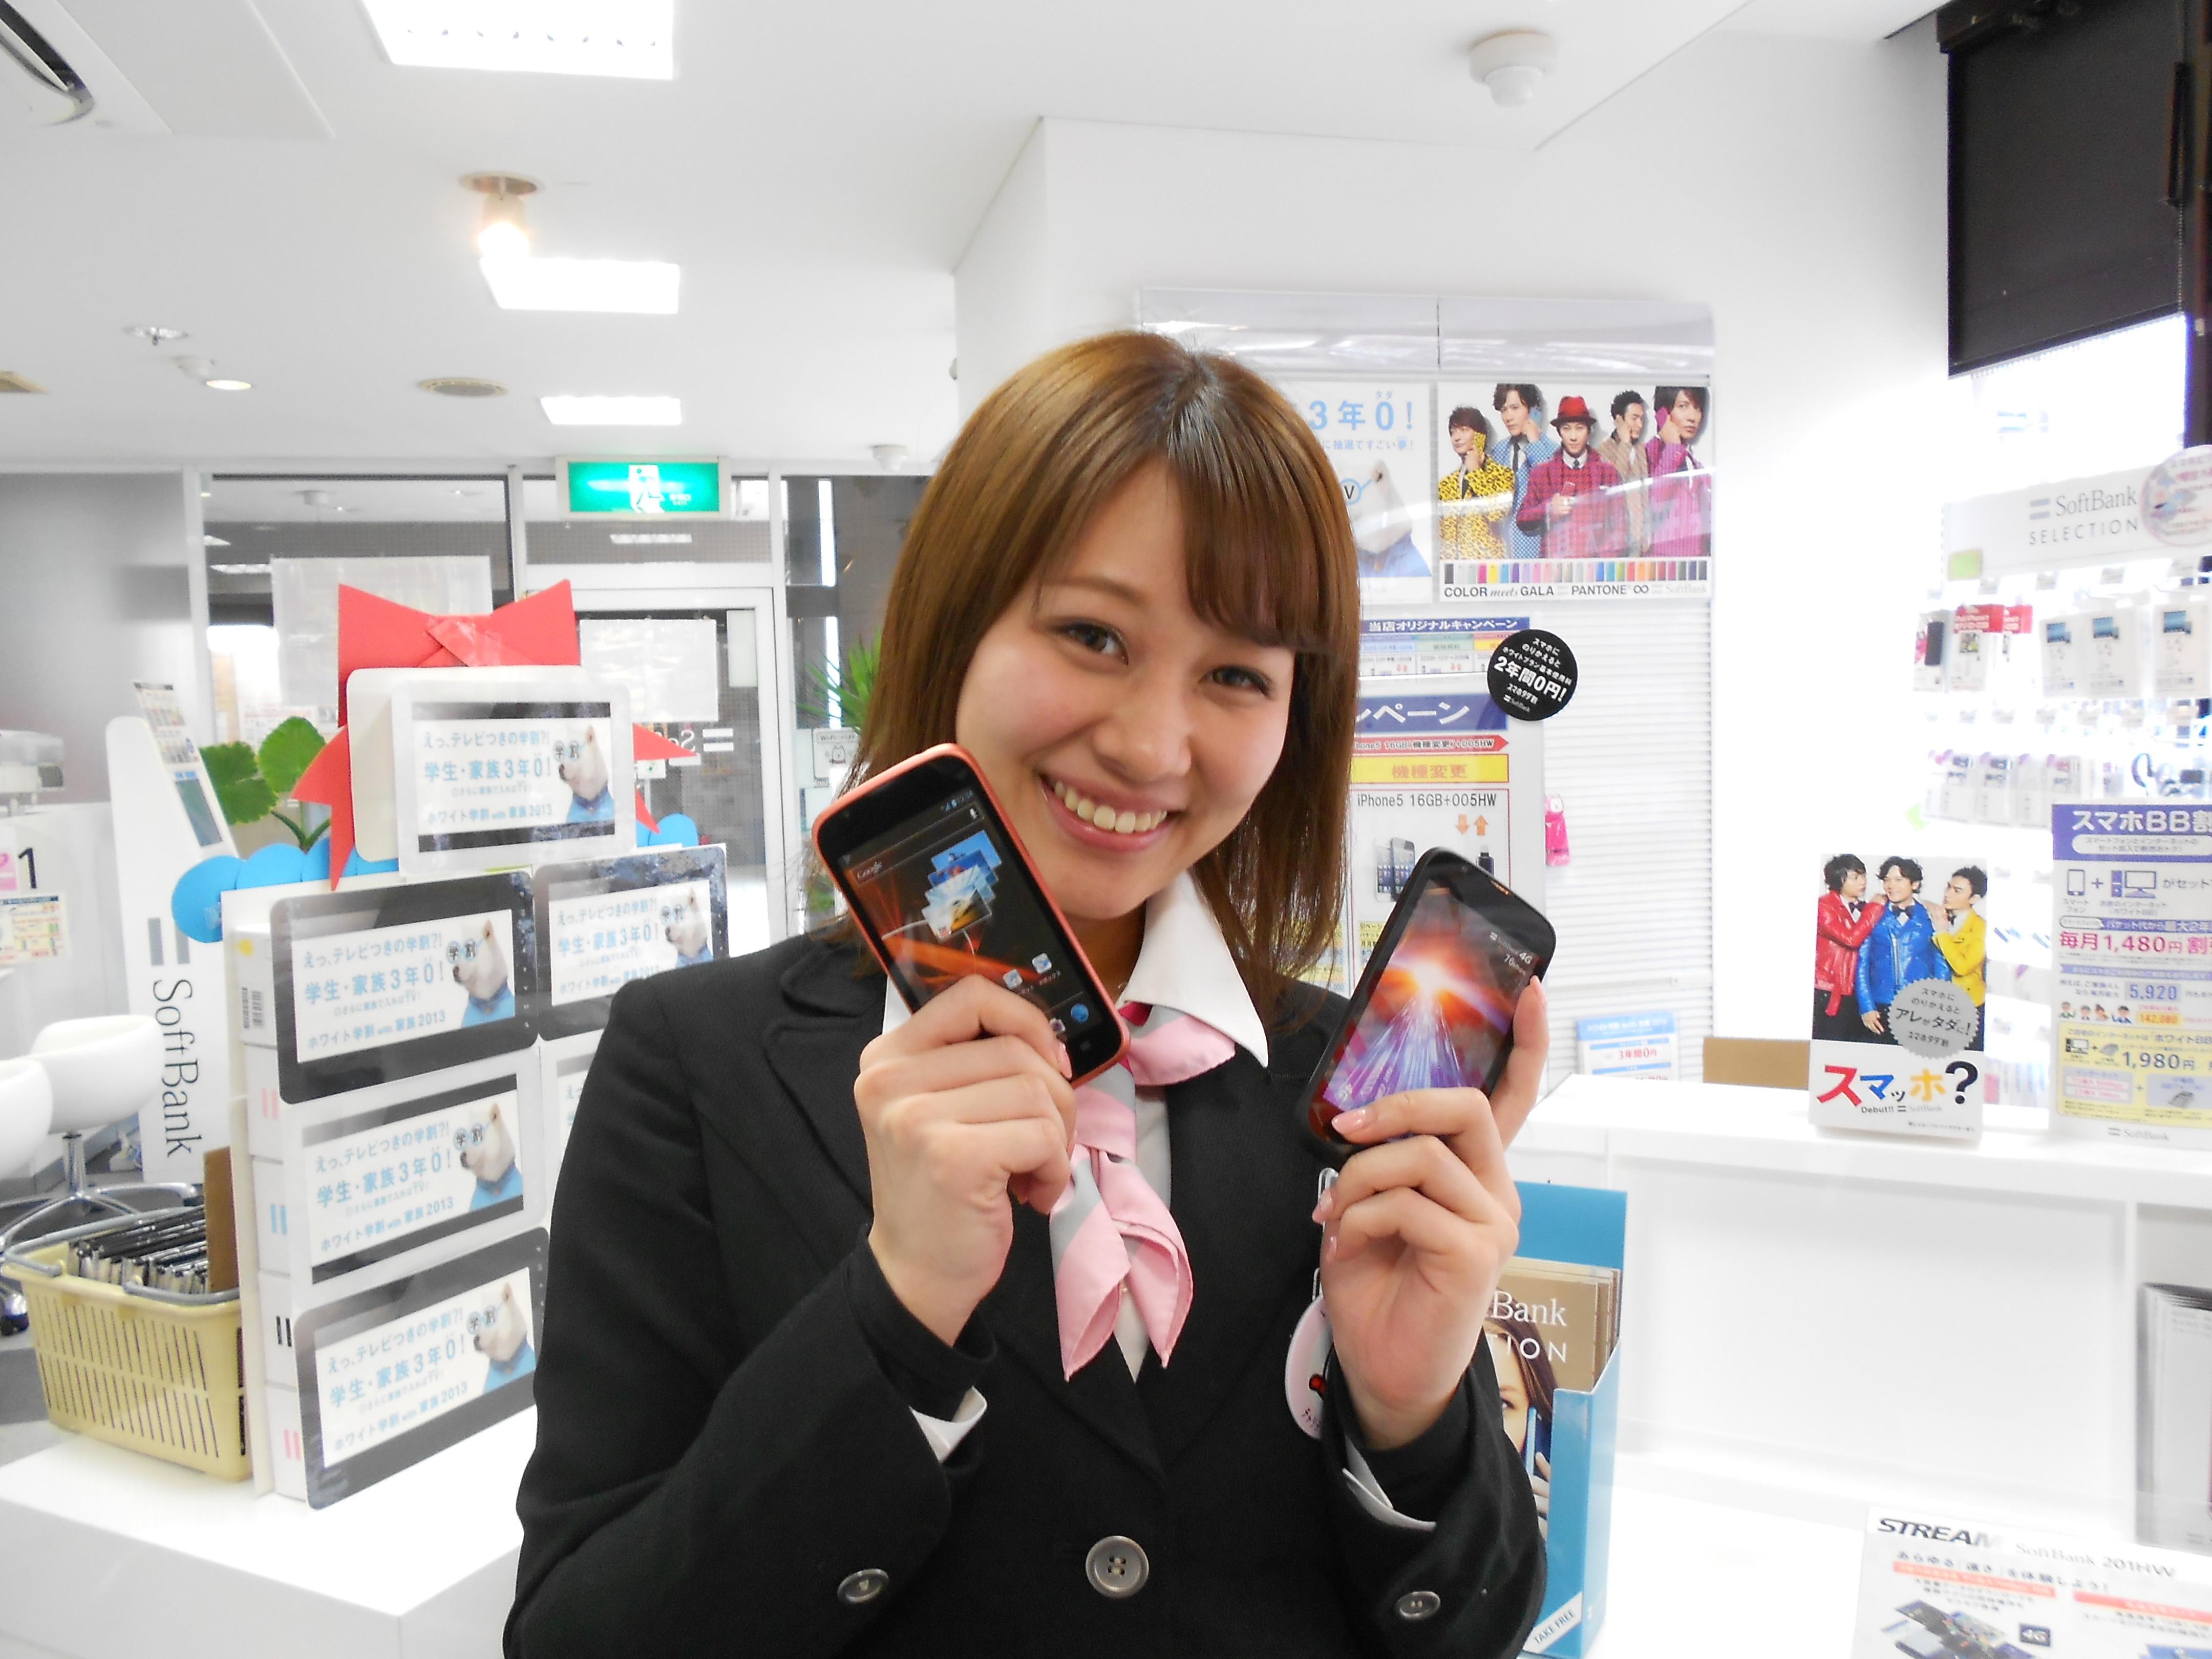 ソフトバンク 横浜モアーズ(株式会社シエロ)のアルバイト情報